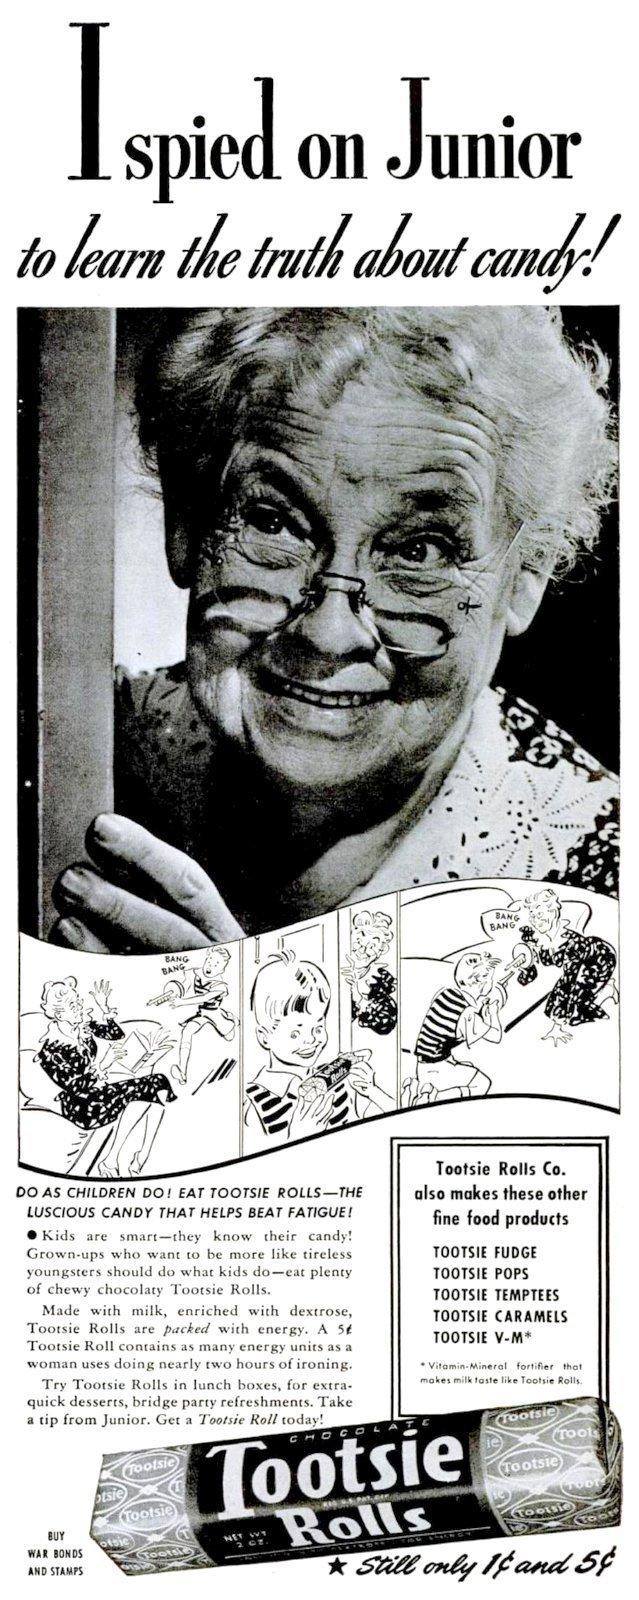 Tootsie Rolls - Spied on Junior (1943)